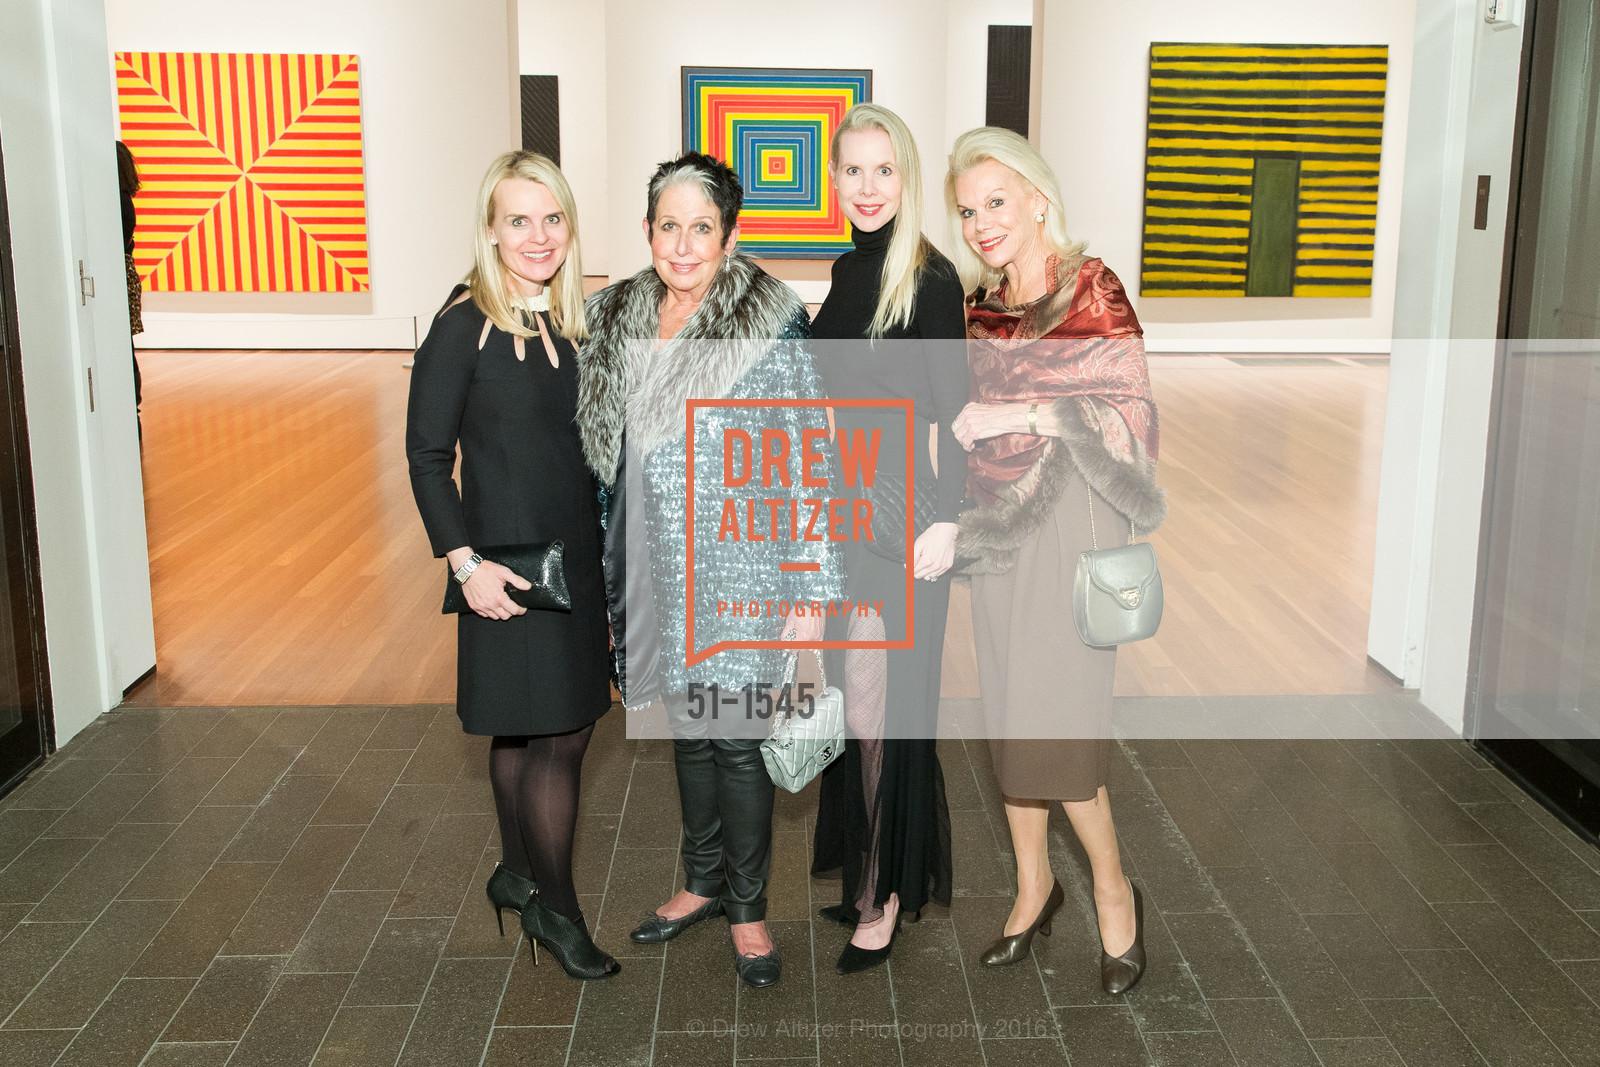 Jane Mudge, Karen Kubin, Shannon Cronan, Sandra Farris, Photo #51-1545